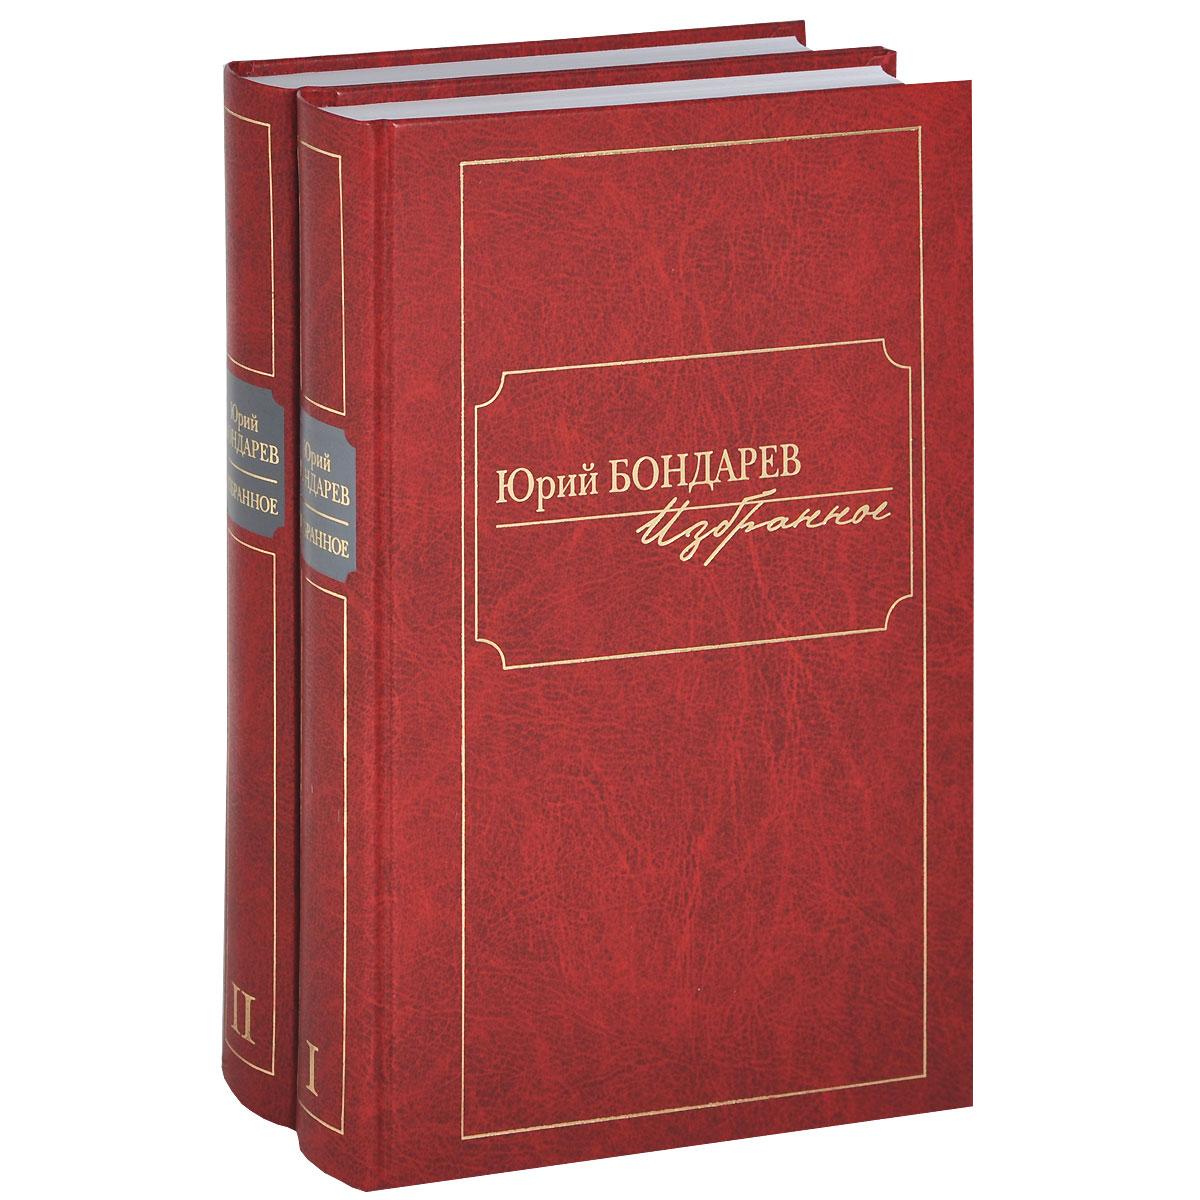 Юрий Бондарев Юрий Бондарев. Избранное. В 2 томах (комплект)